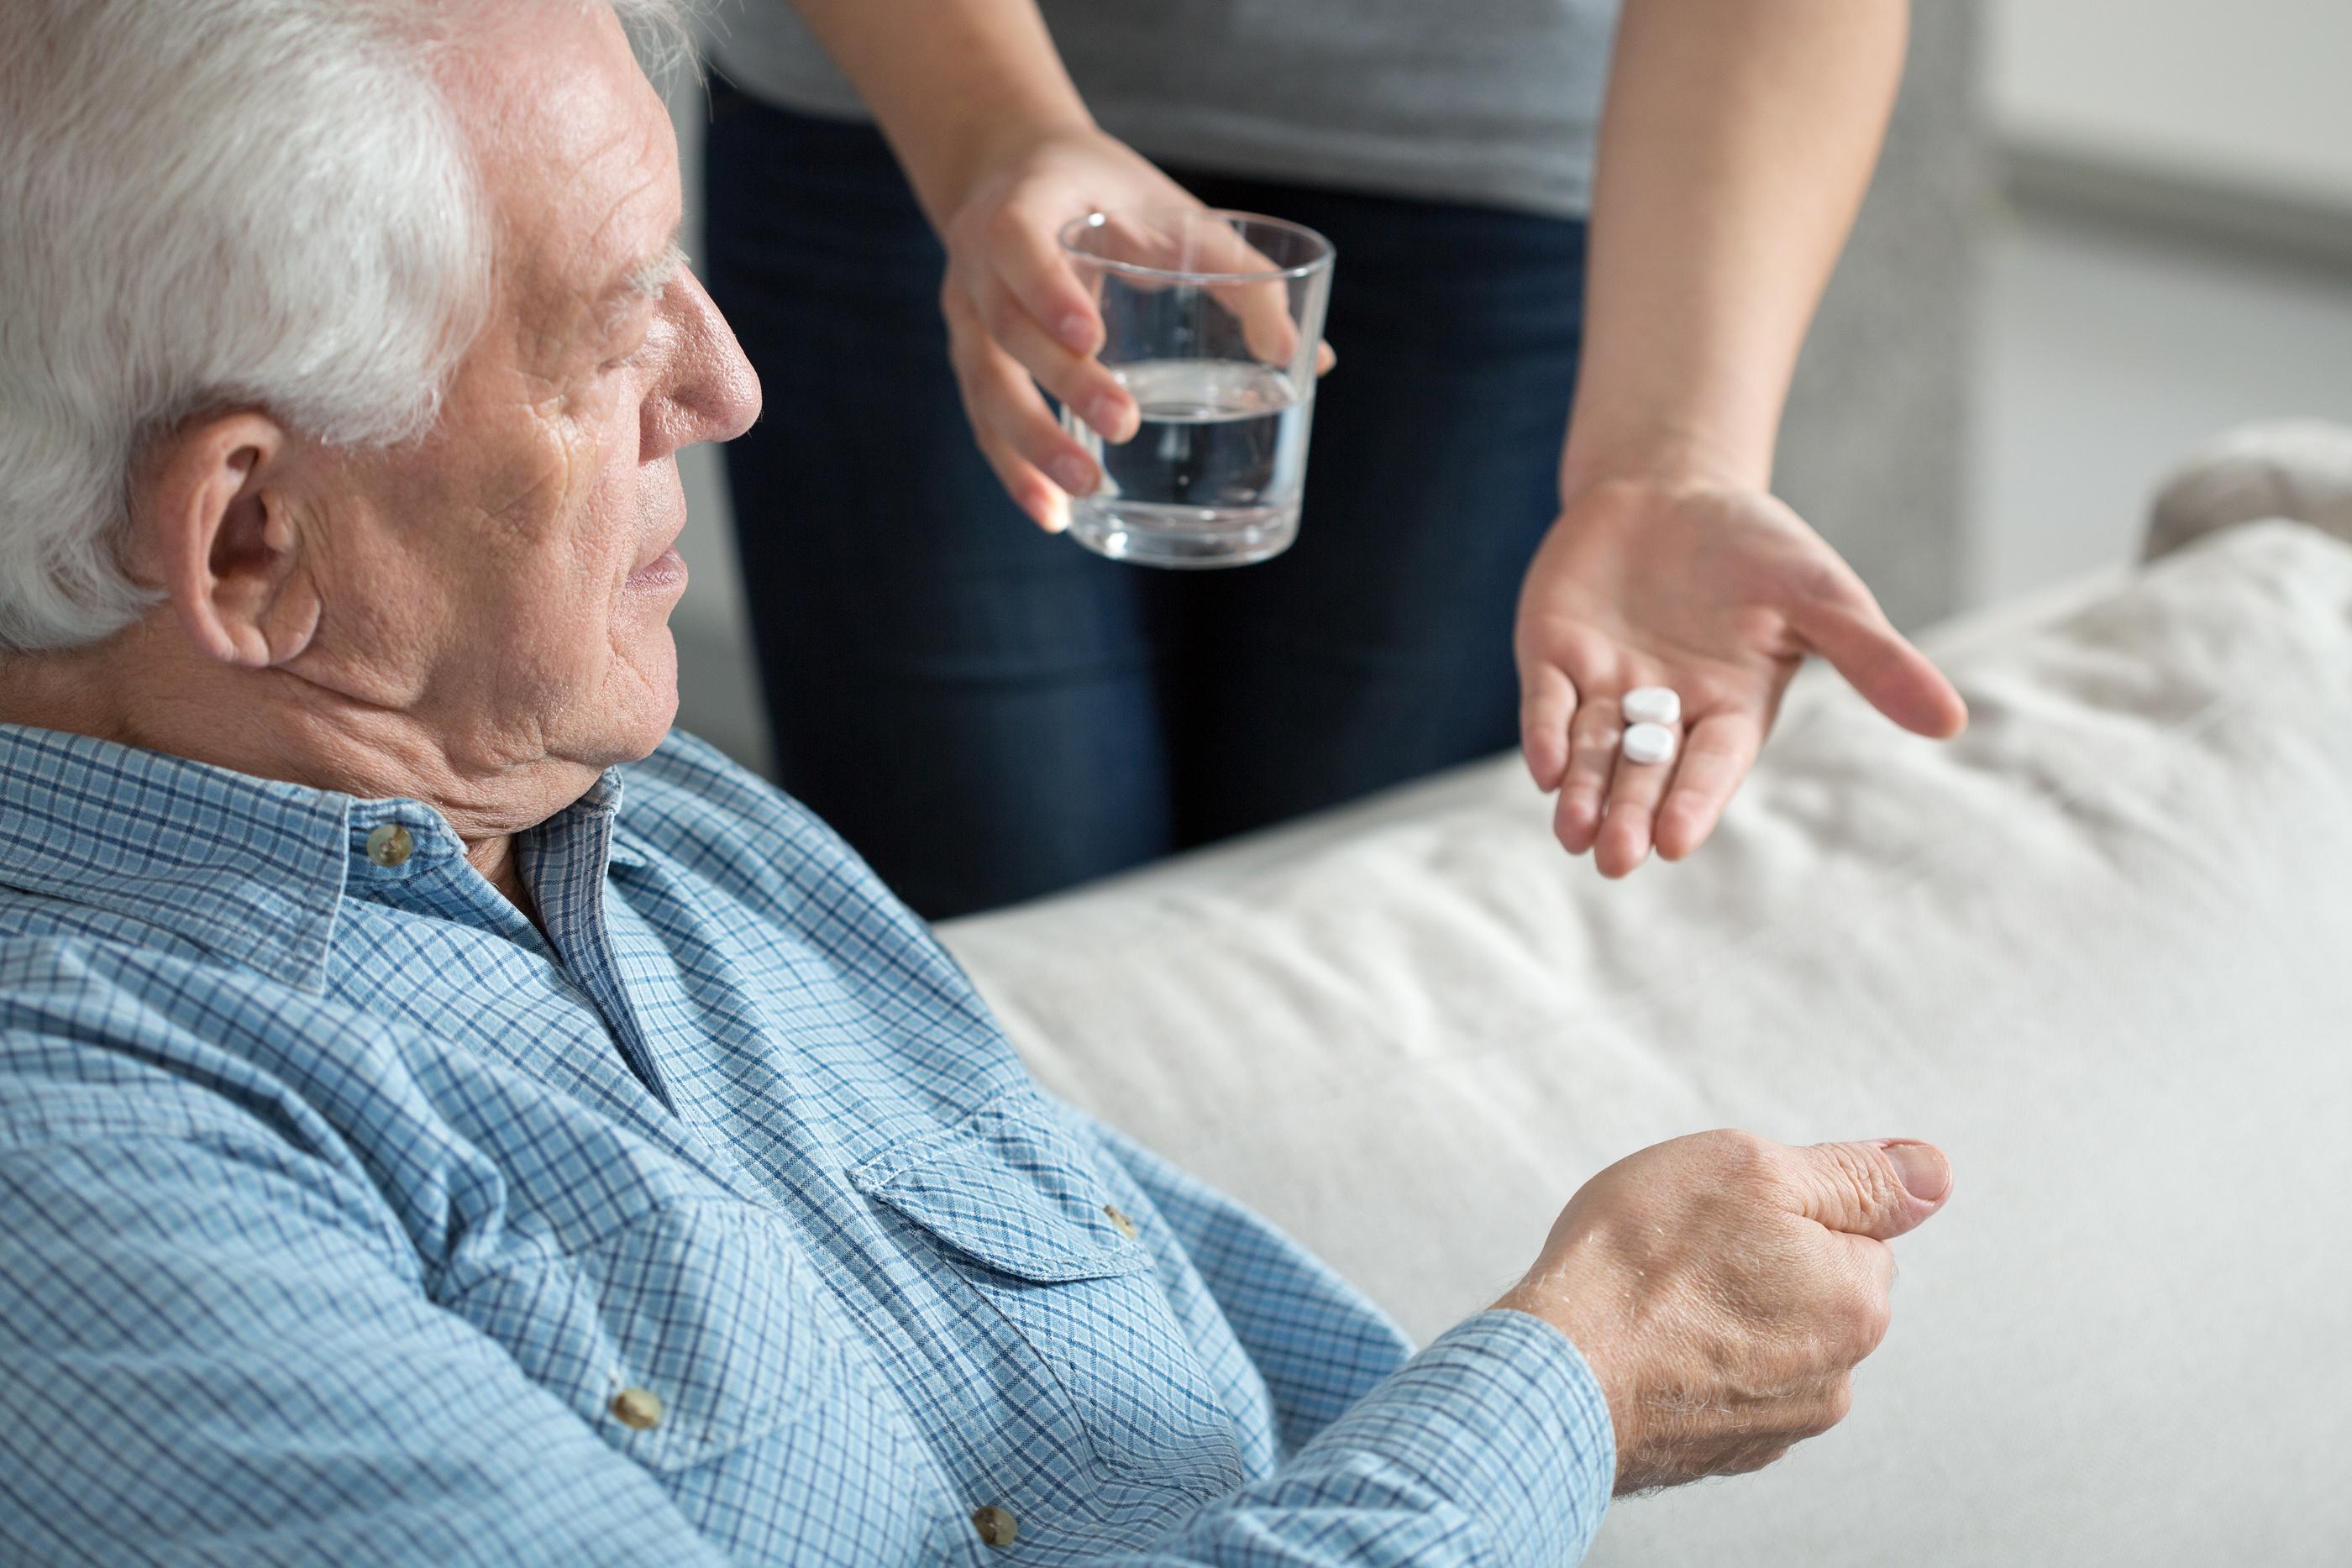 Деменция у пожилых людей - симптомы, лечение, сколько с этим живут